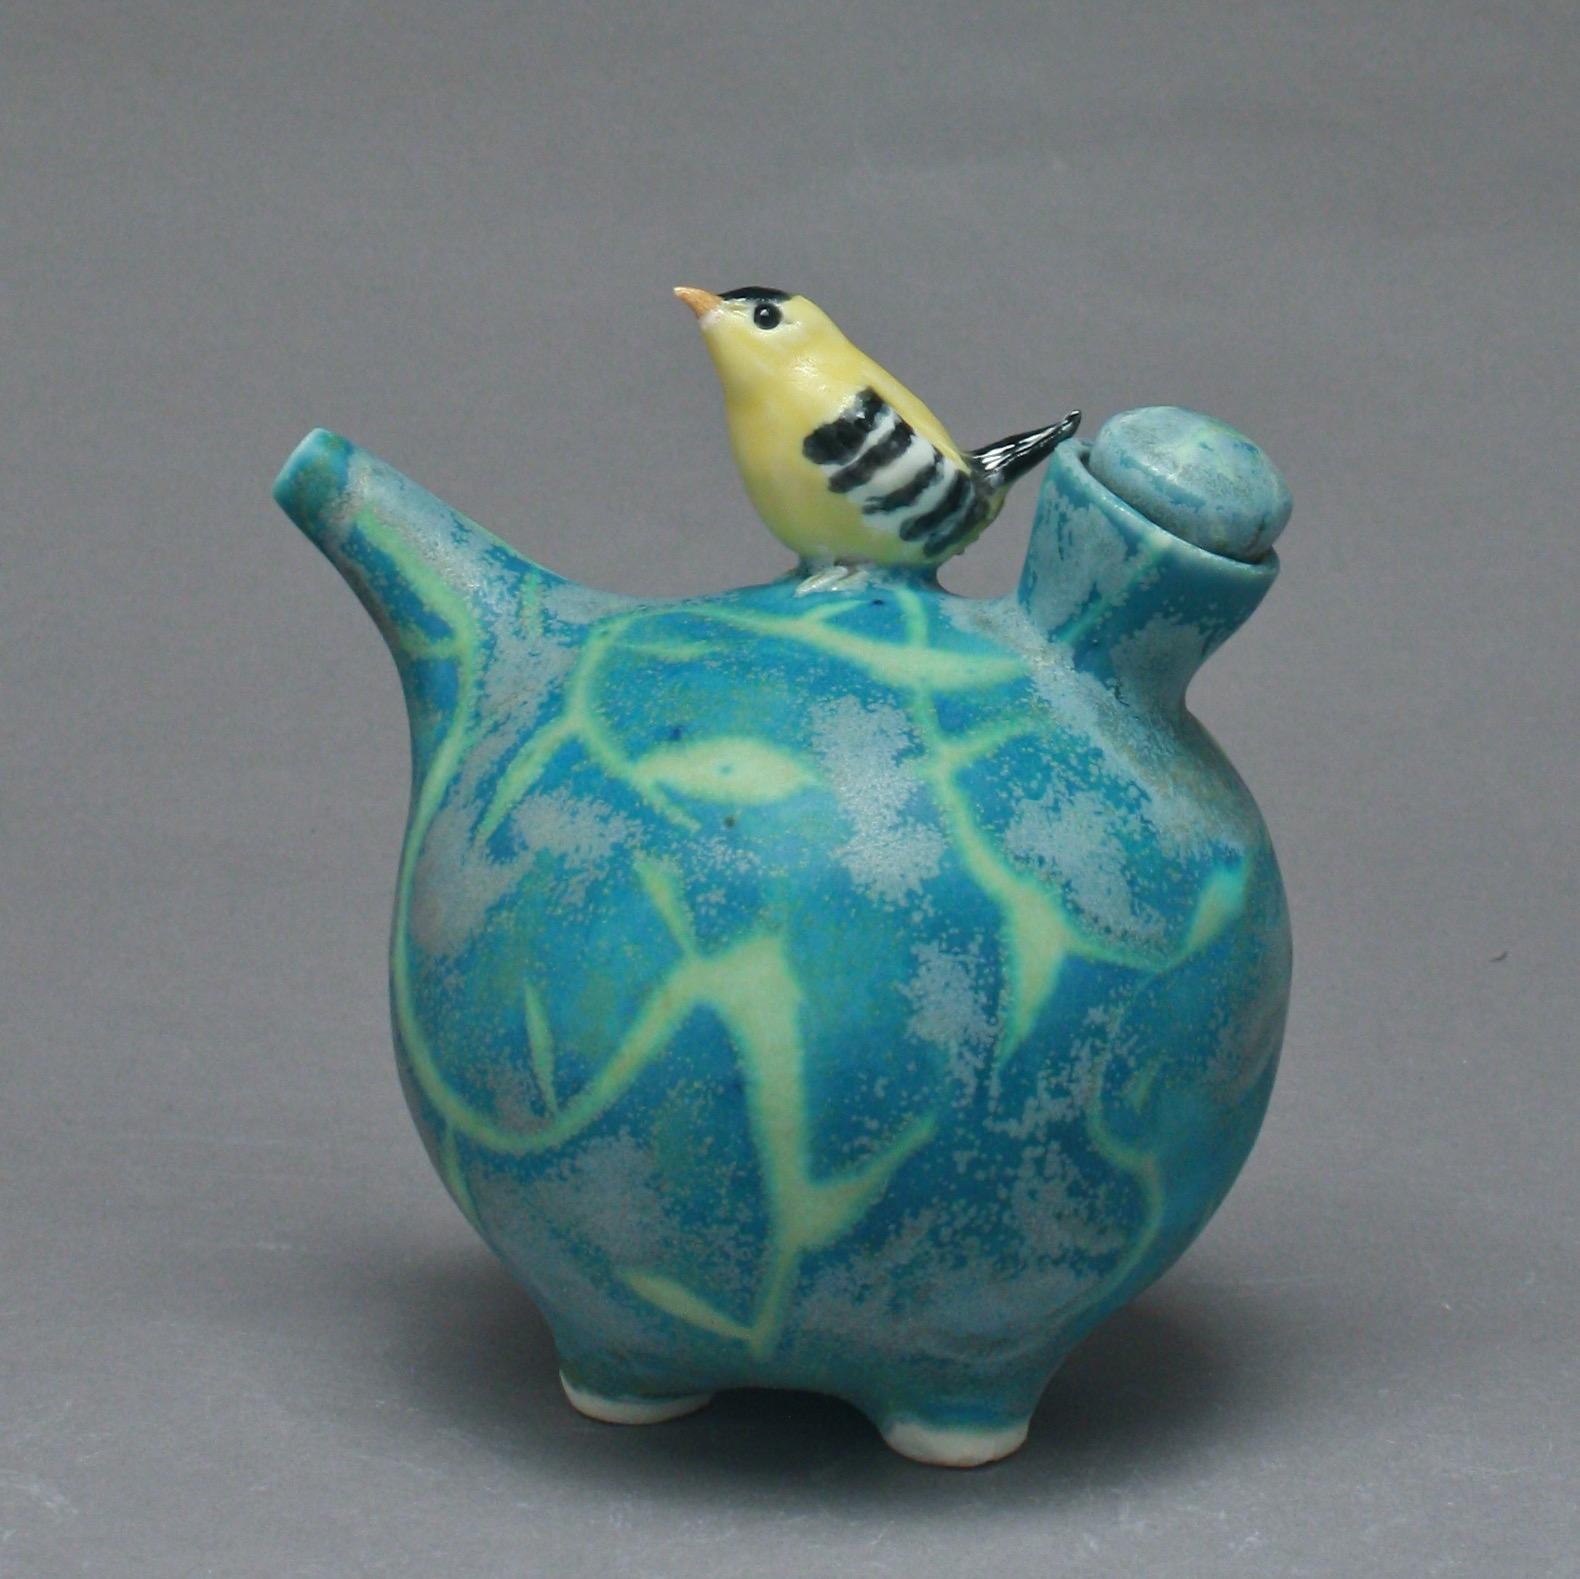 OC-28 | Blue Patterned Oil Cruet with Finch ($160)